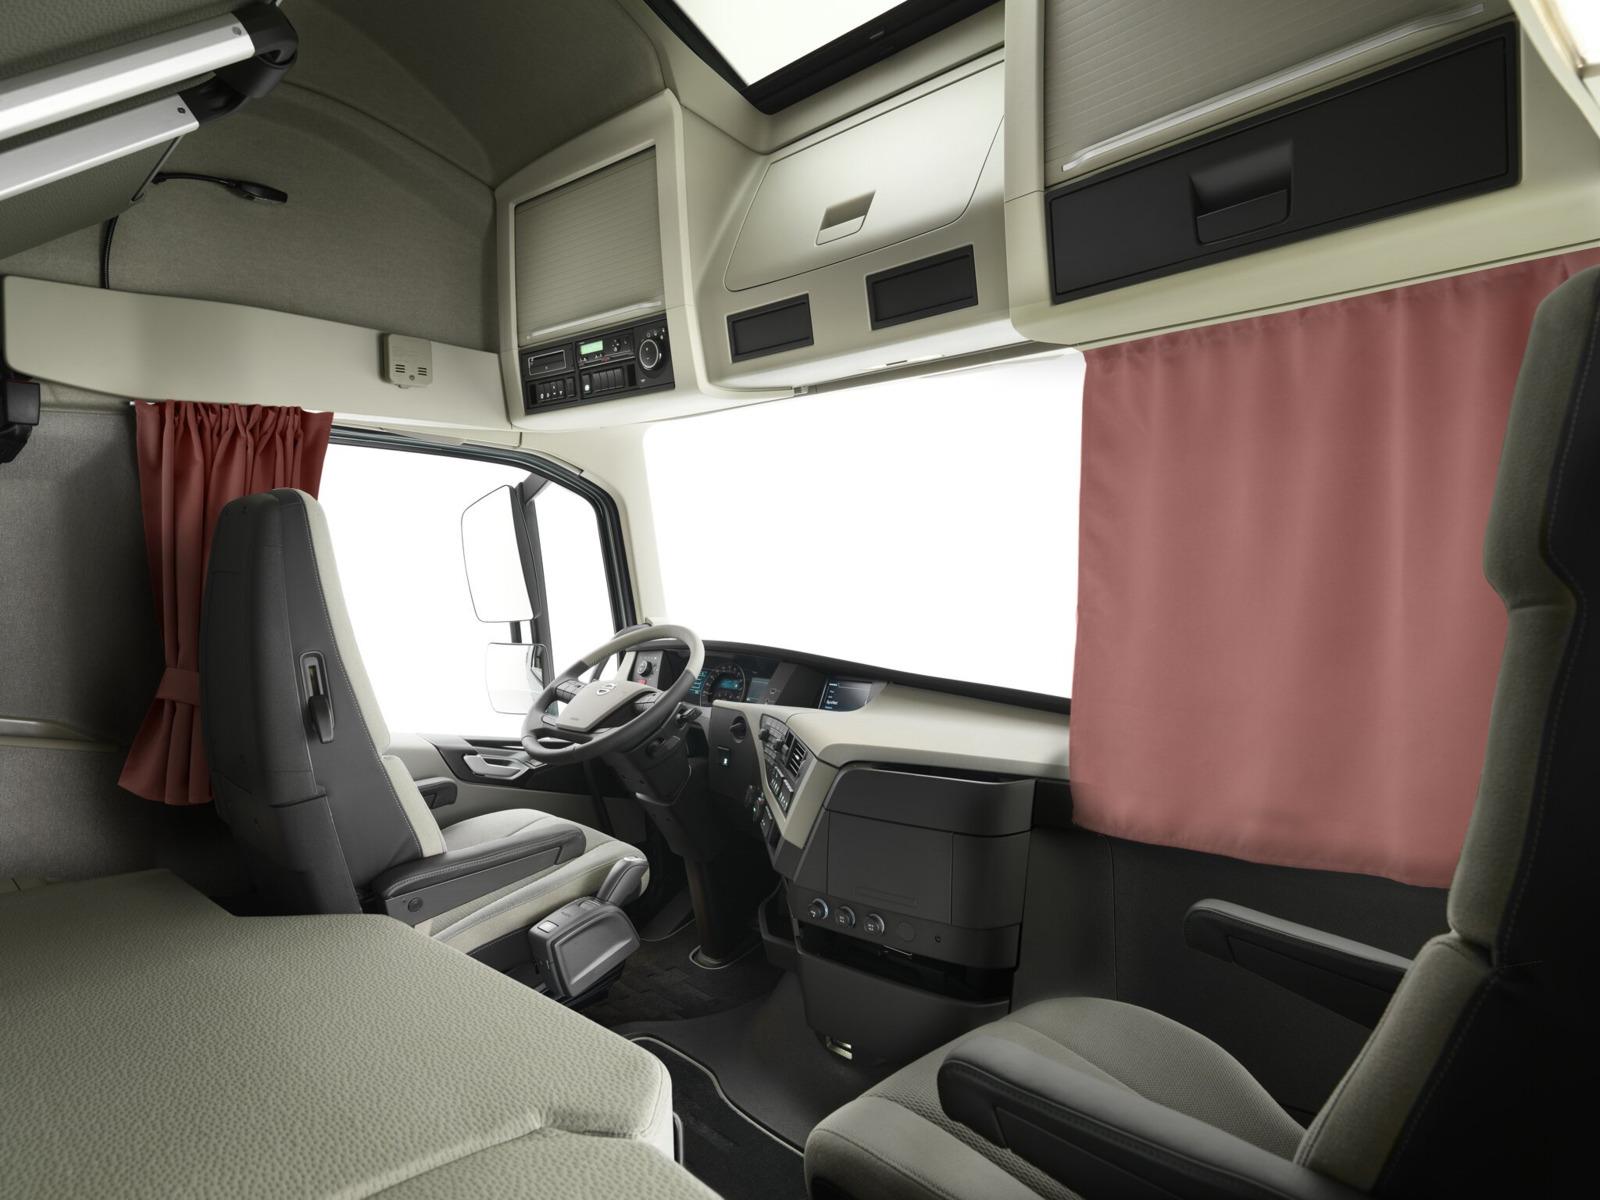 Фото - Комплект автоштор Эскар Blackout - auto XL, кофе с молоком, 2 шторы 240 х 100 см, 2 шторы 120 х 160 см, 2 подхвата шторы для комнаты blackout комплект штор к326 32 кофе с молоком 200 240 см